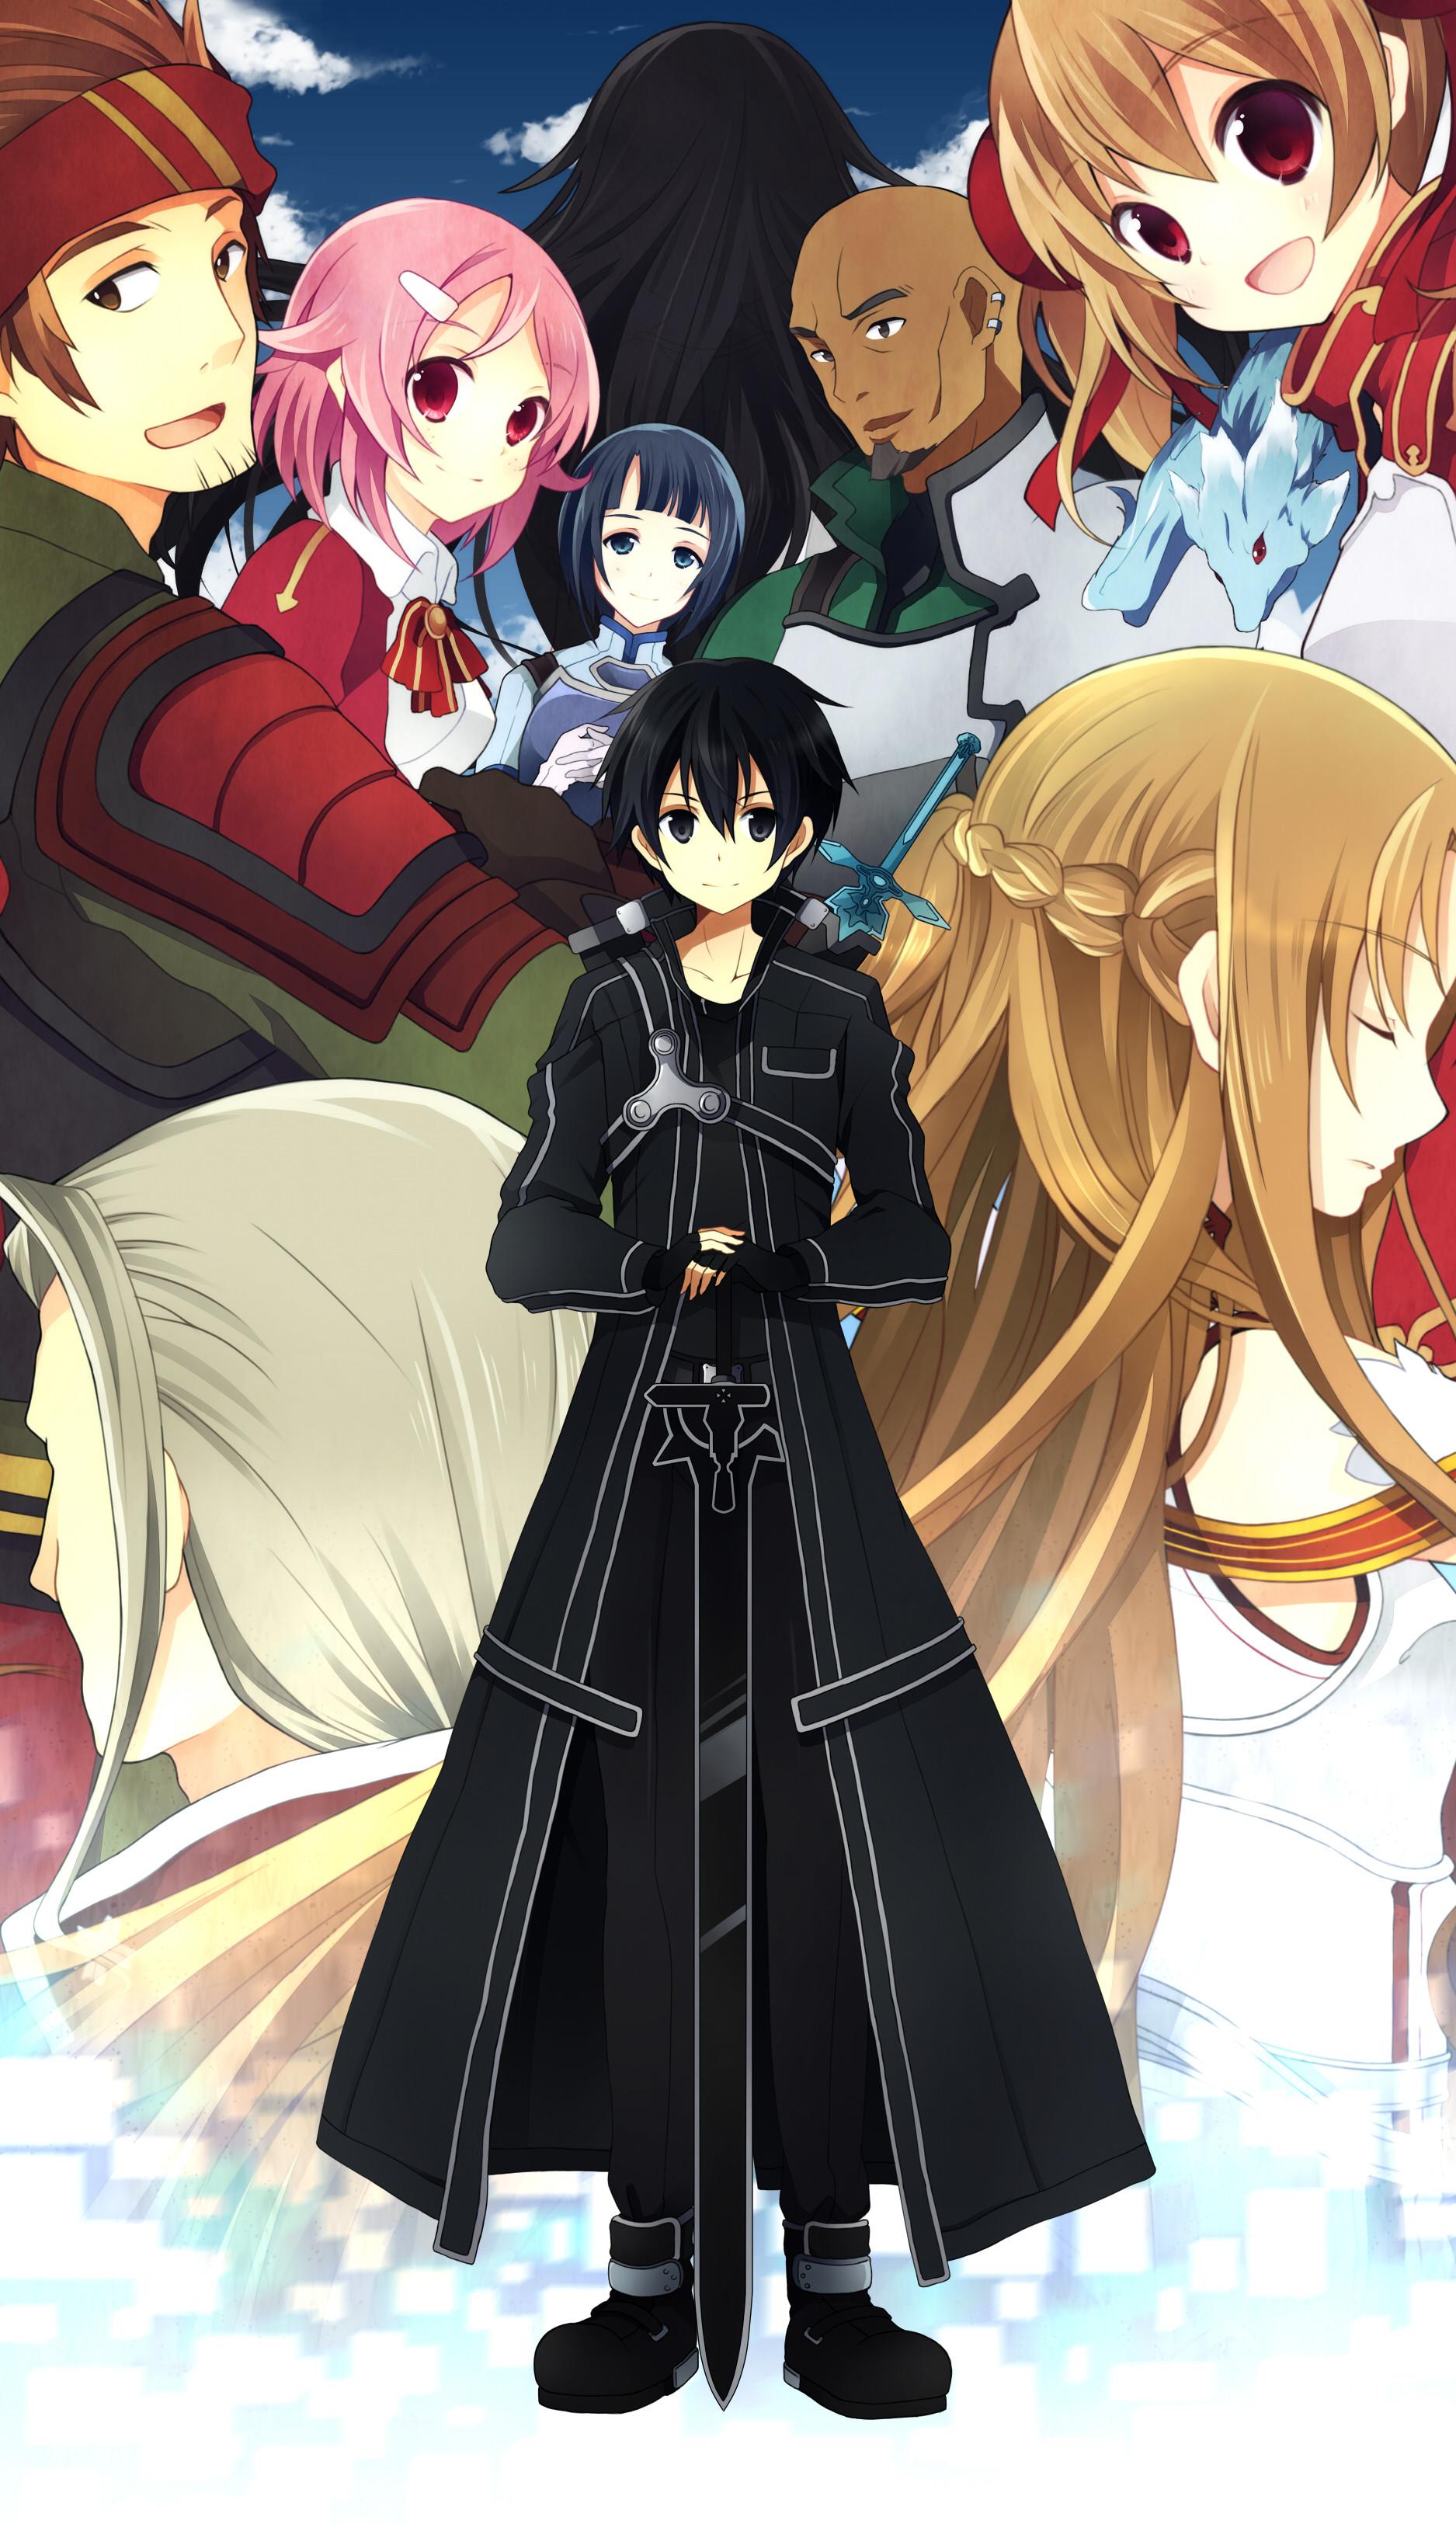 Sword Art Online · download Sword Art Online image